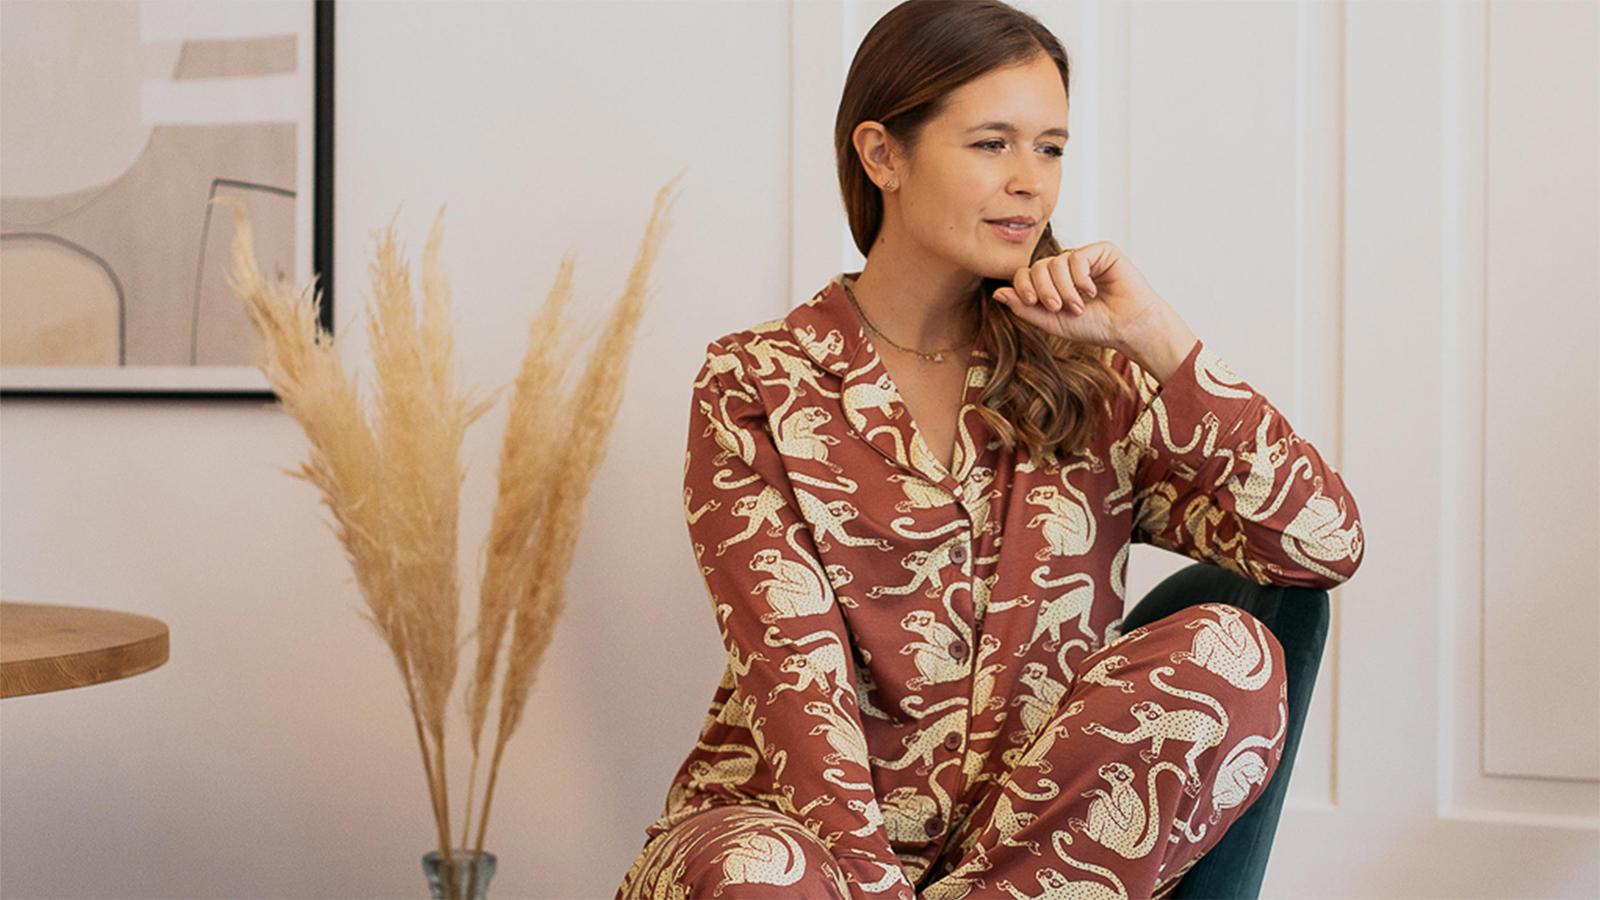 @josieloves zeigt ihre Lieblingskleidung von mey | mey®